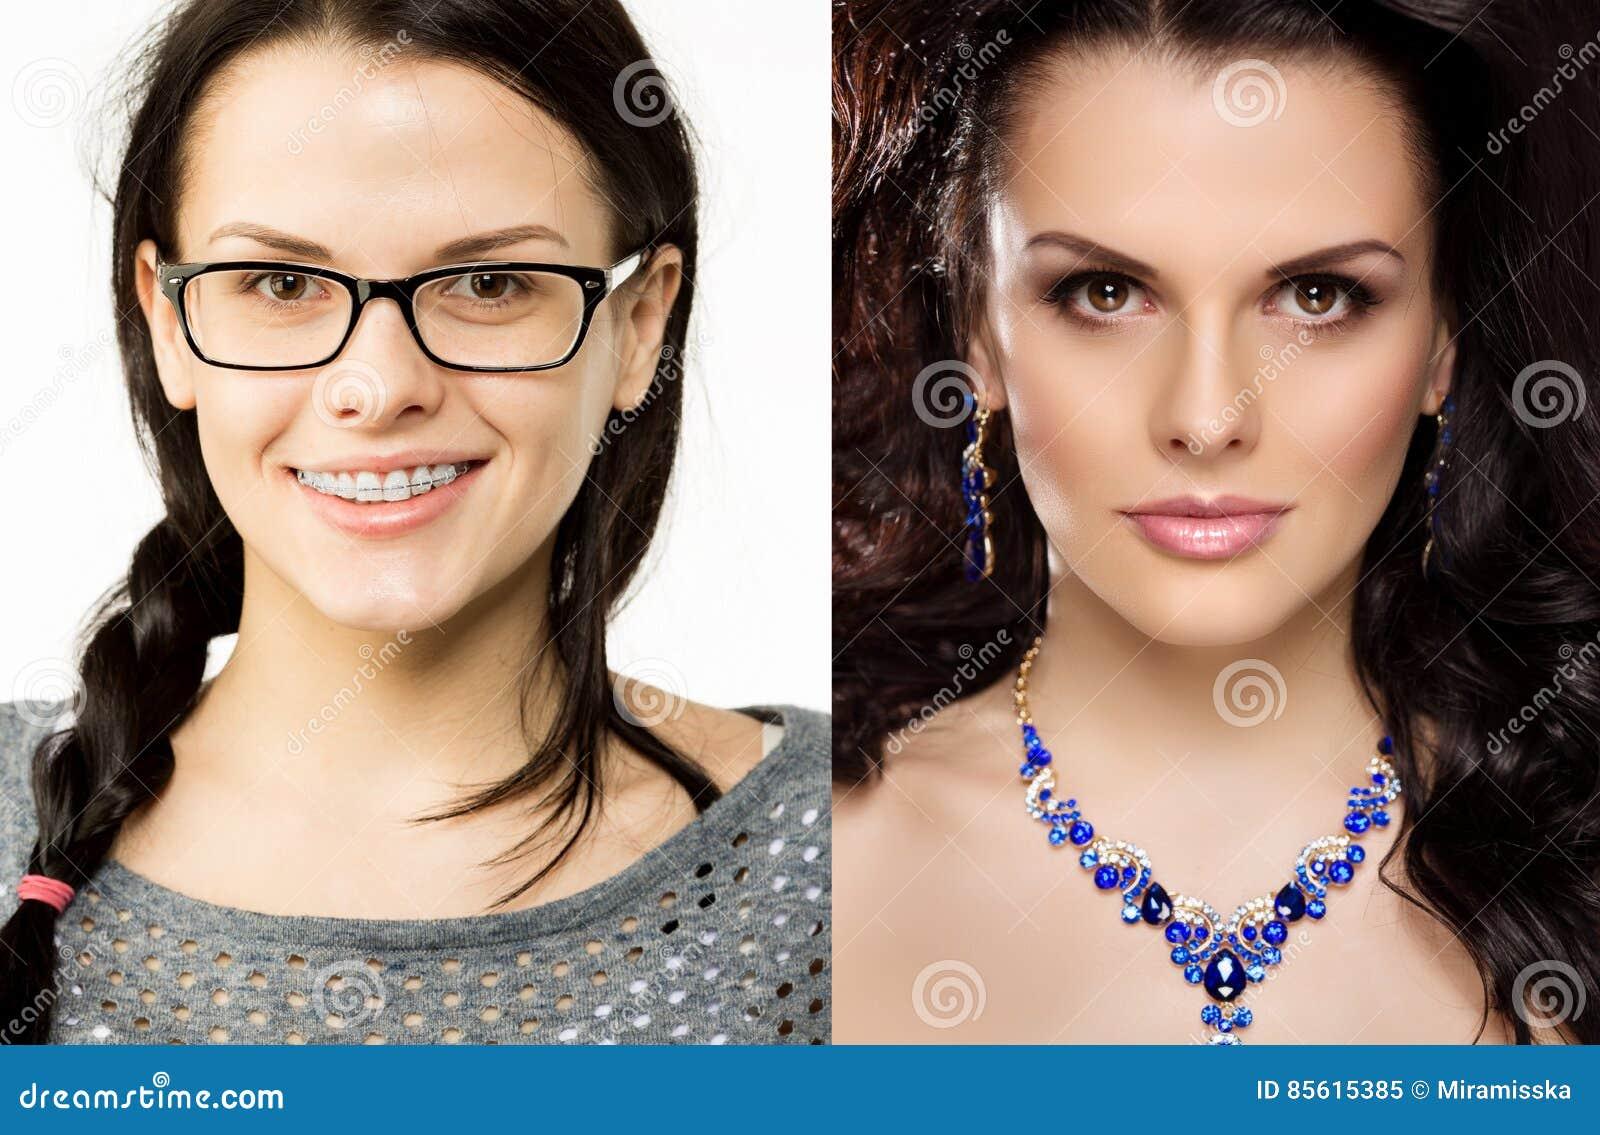 schnueringer-nerdy-unattractive-asian-teenage-girl